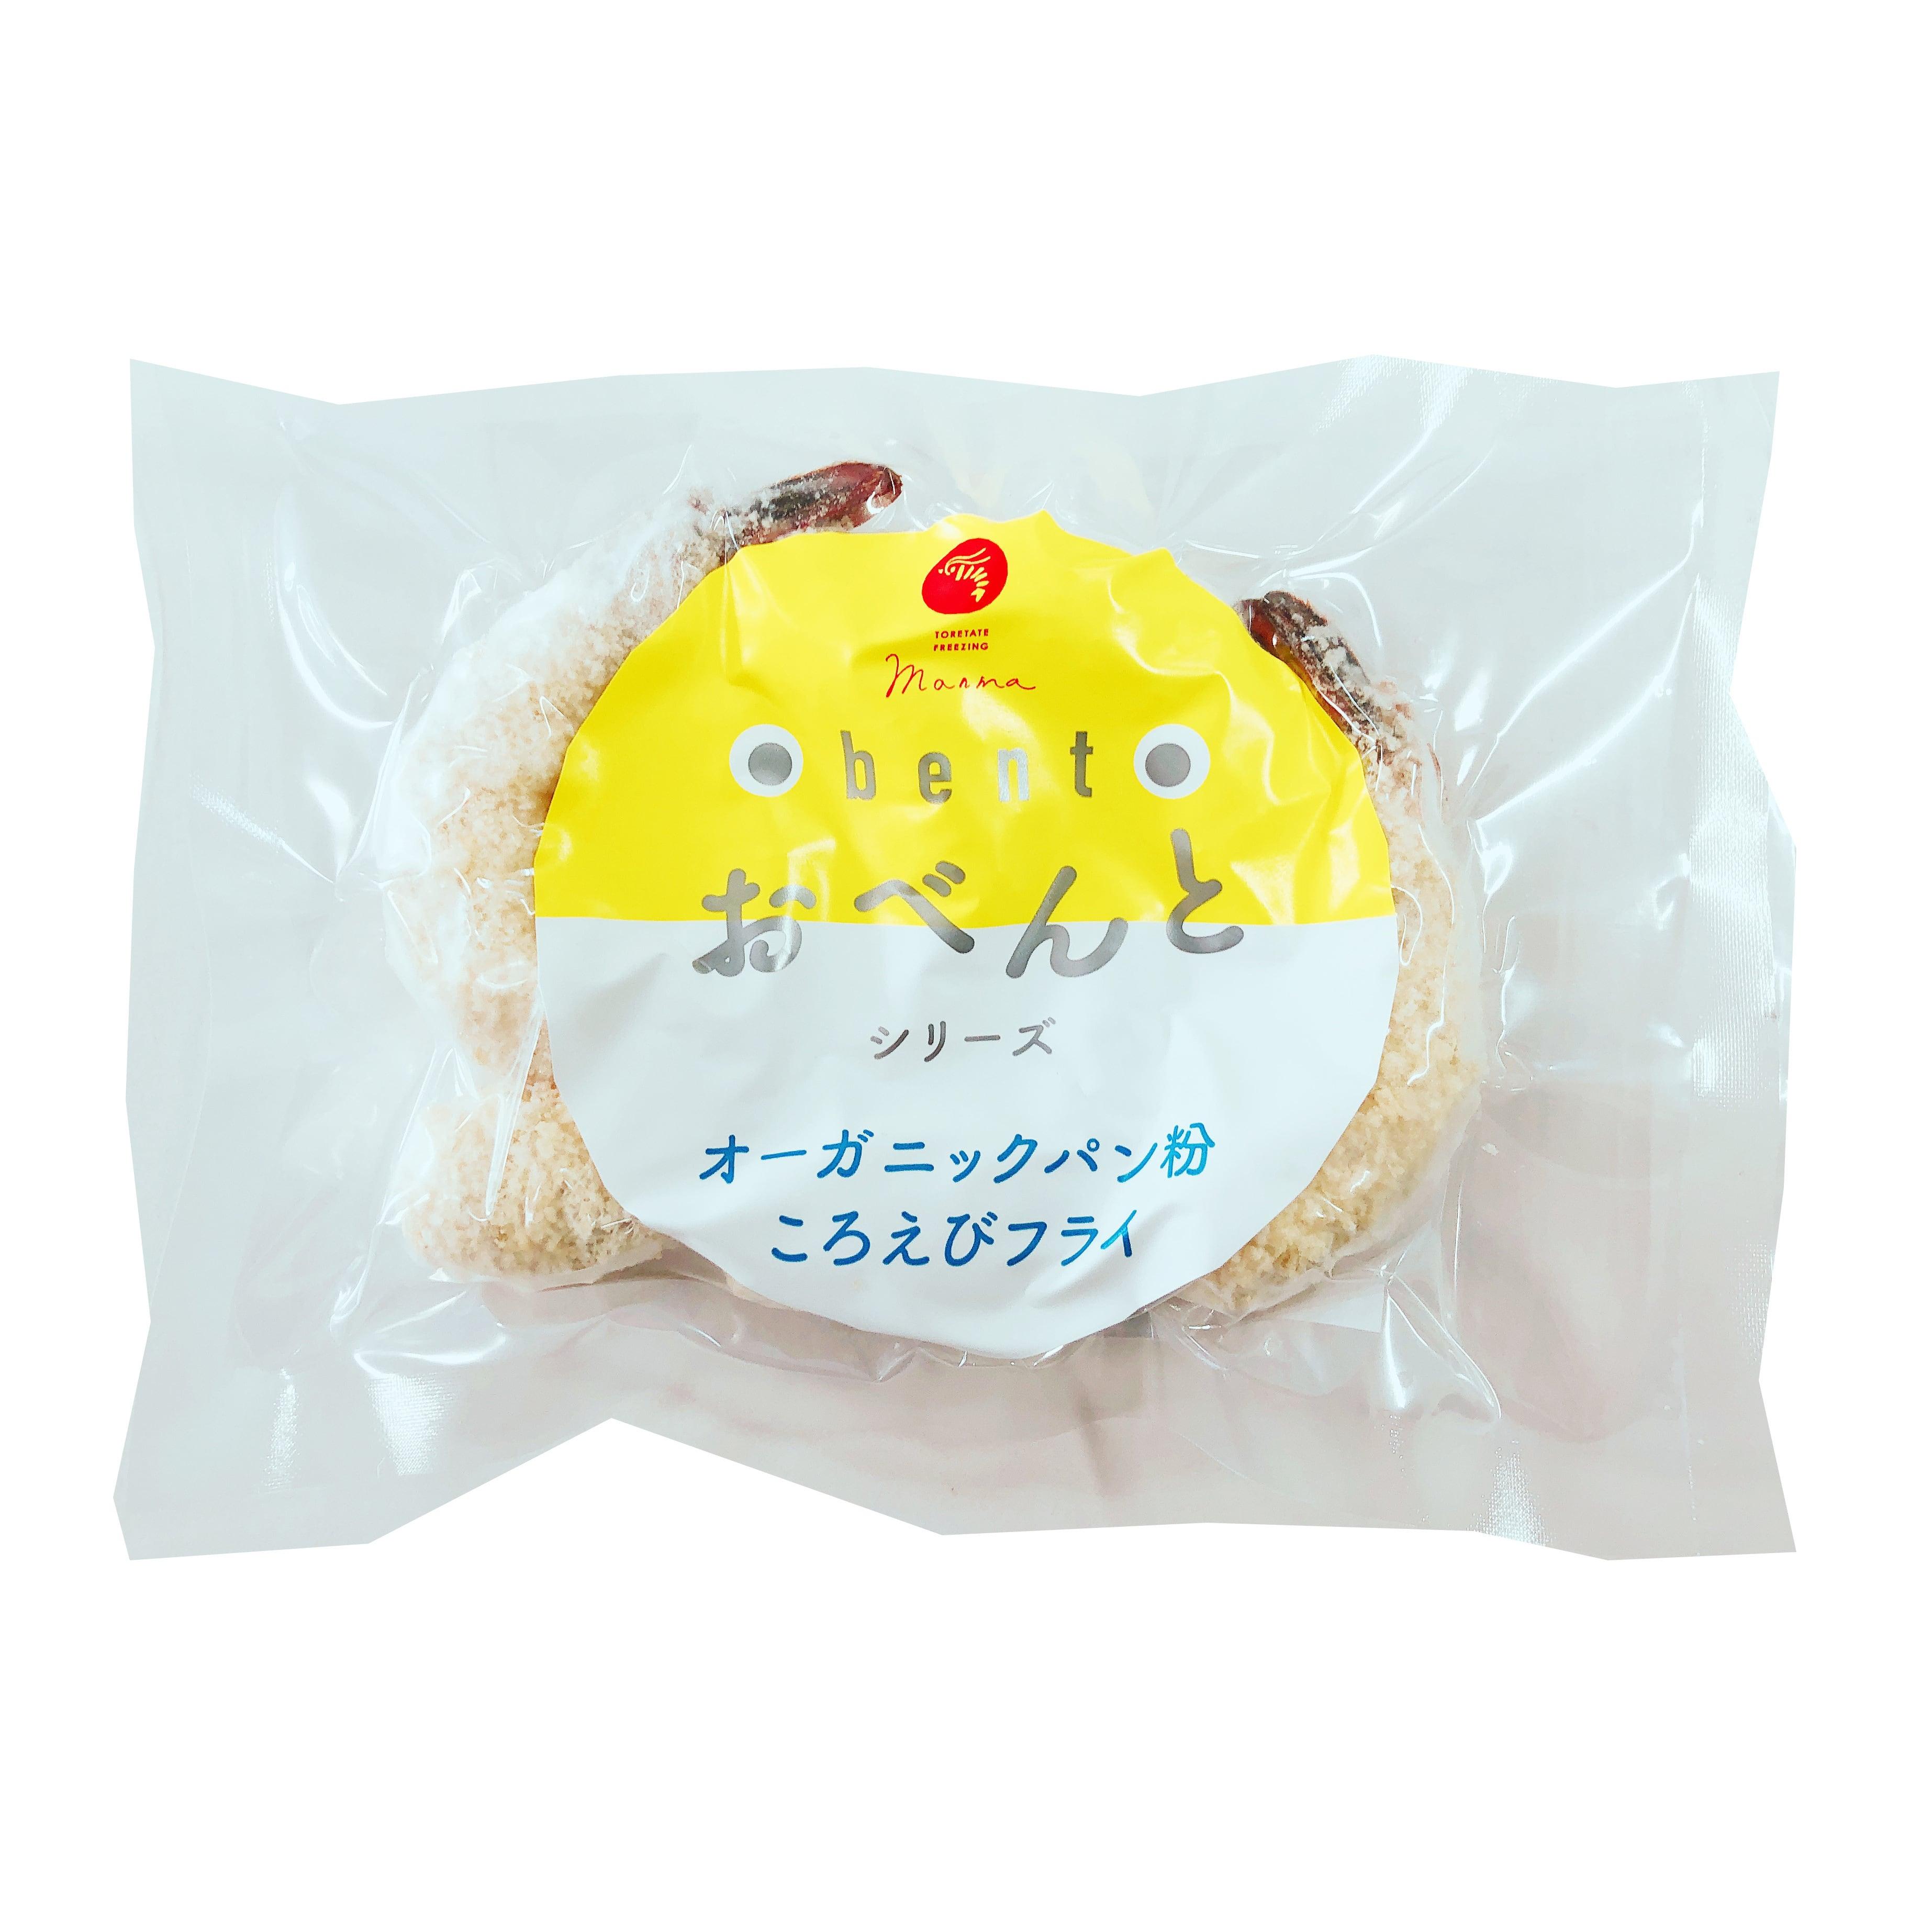 オーガニックパン粉ころえびフライ 90g【おべんとシリーズ】